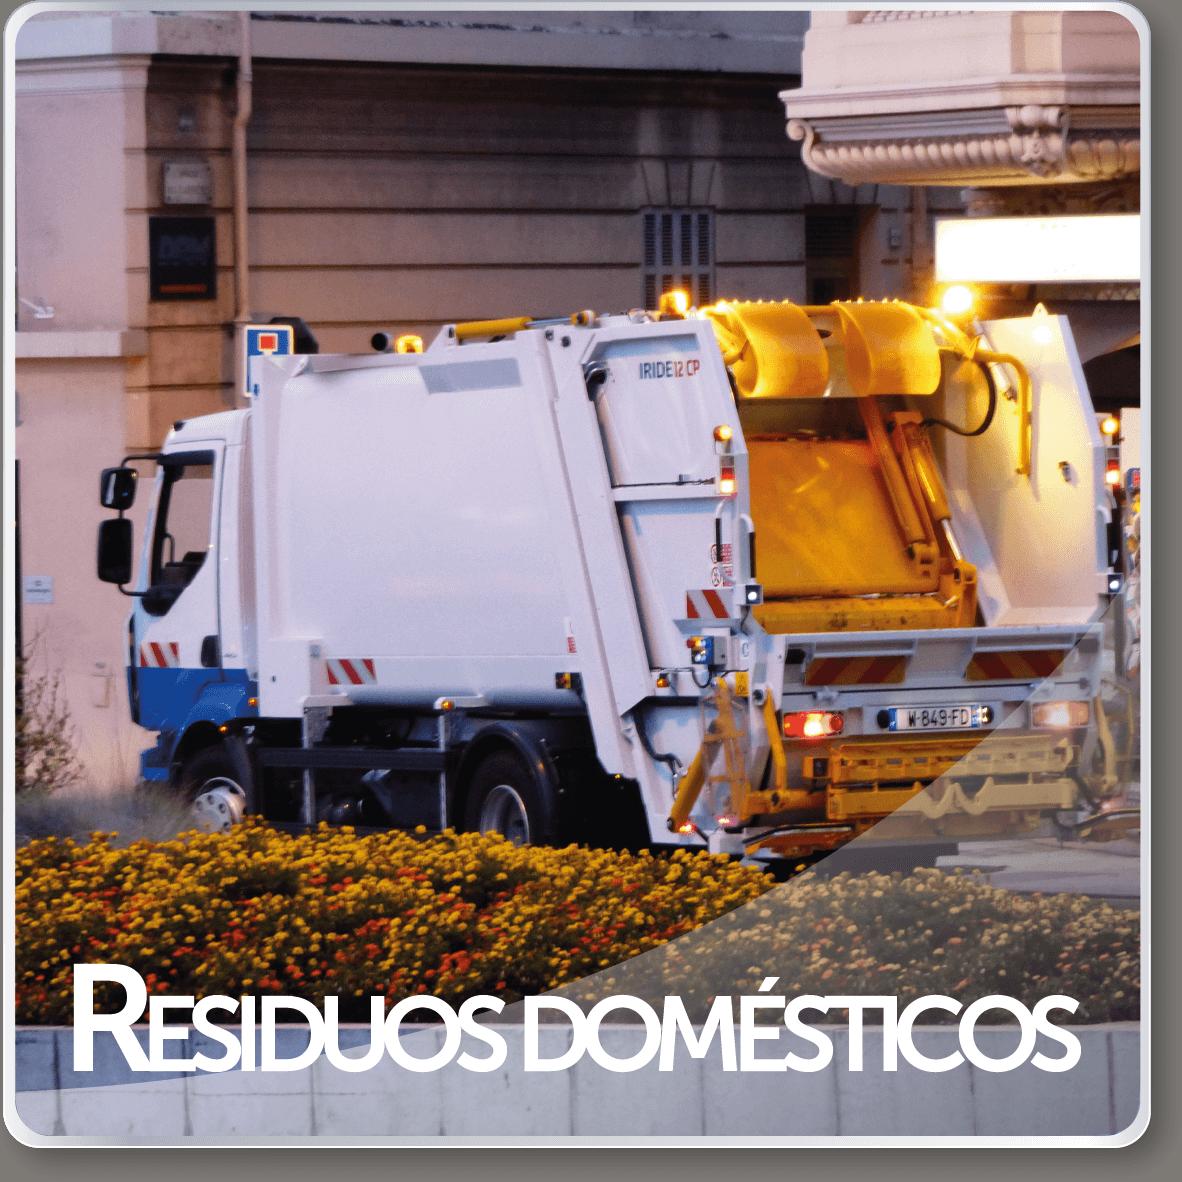 residuos domésticos